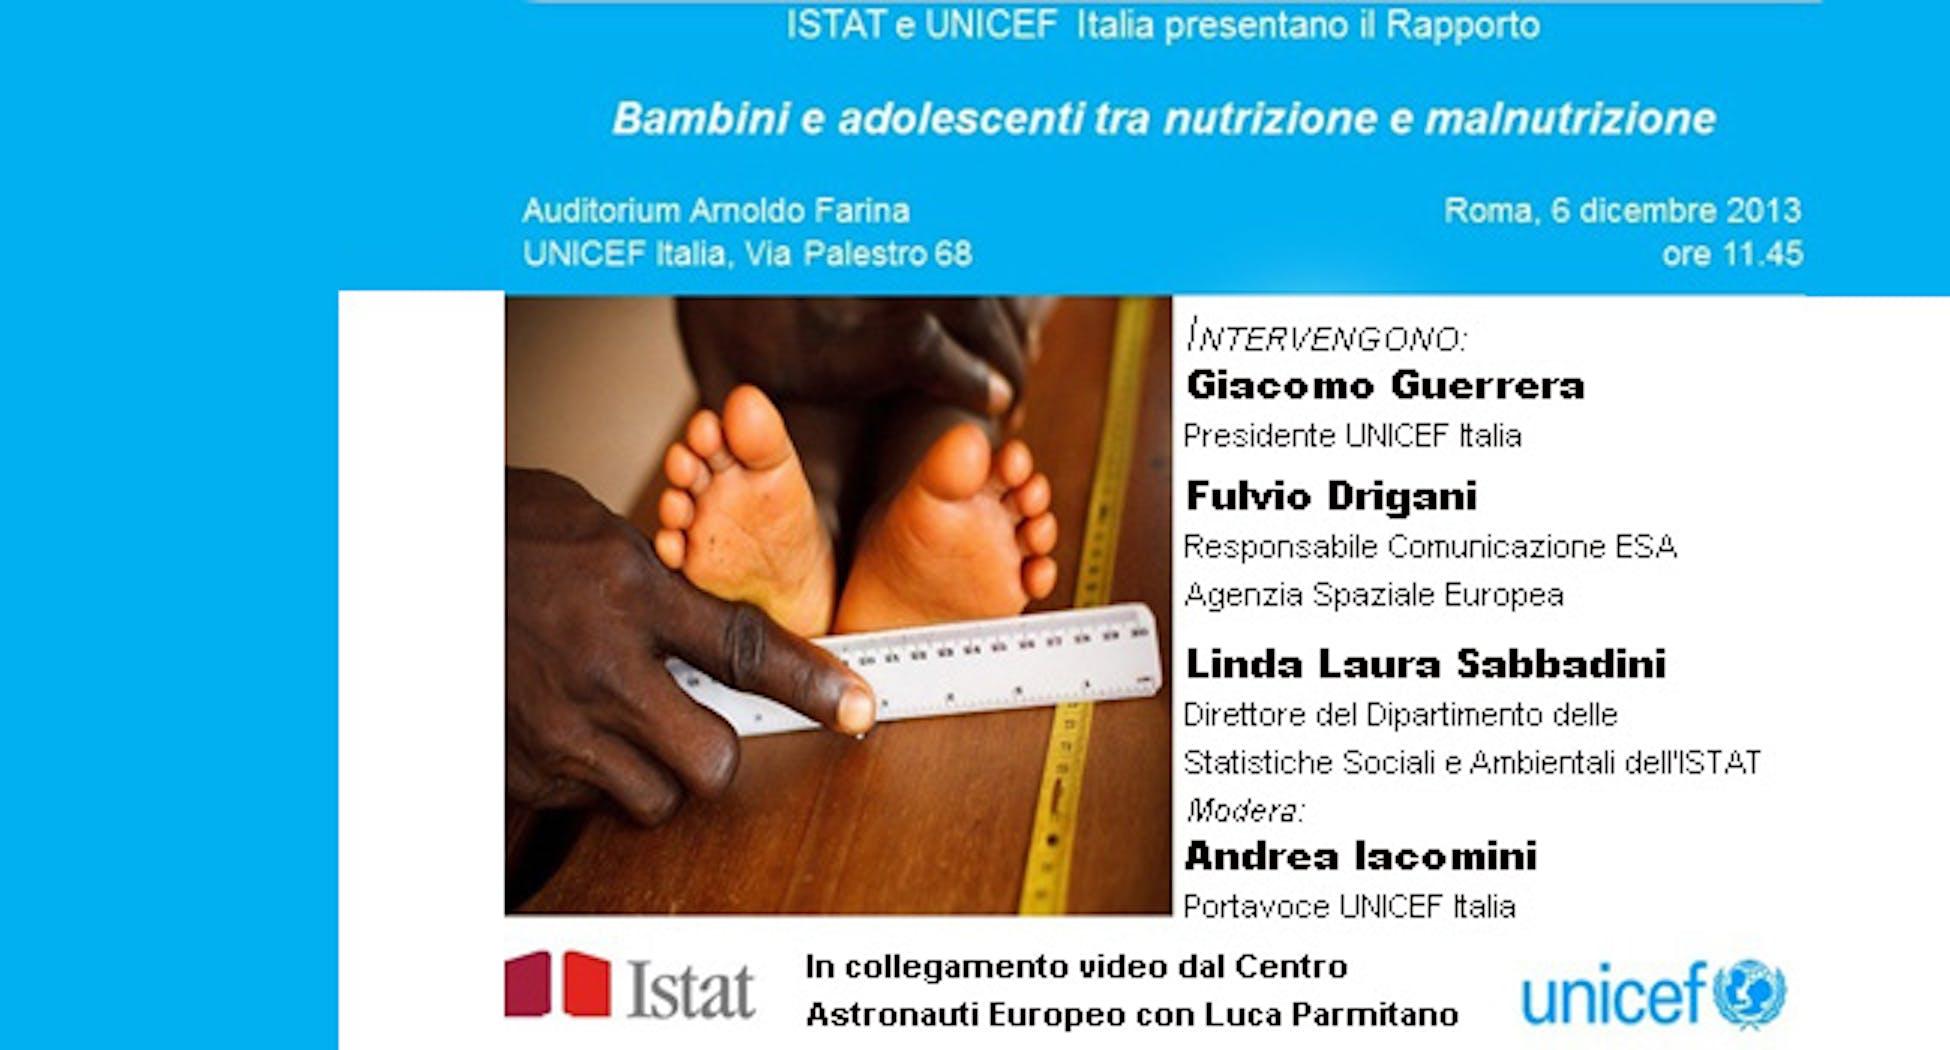 Bambini e adolescenti tra nutrizione e malnutrizione